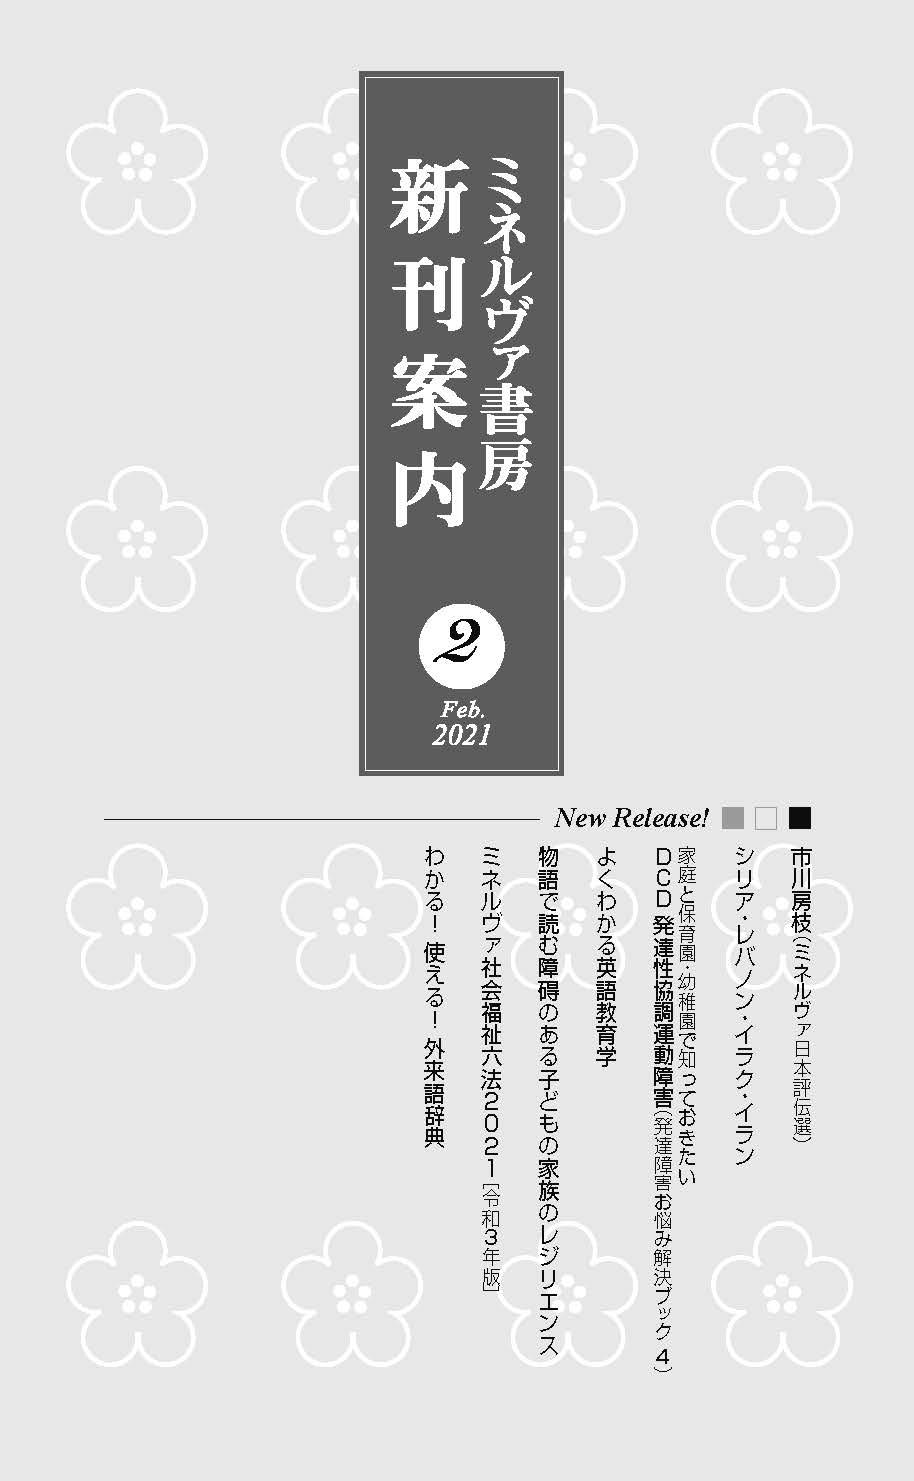 お知らせ(NEWS) - ミネルヴァ書房 ―人文・法経・教育・心理・福祉 ...